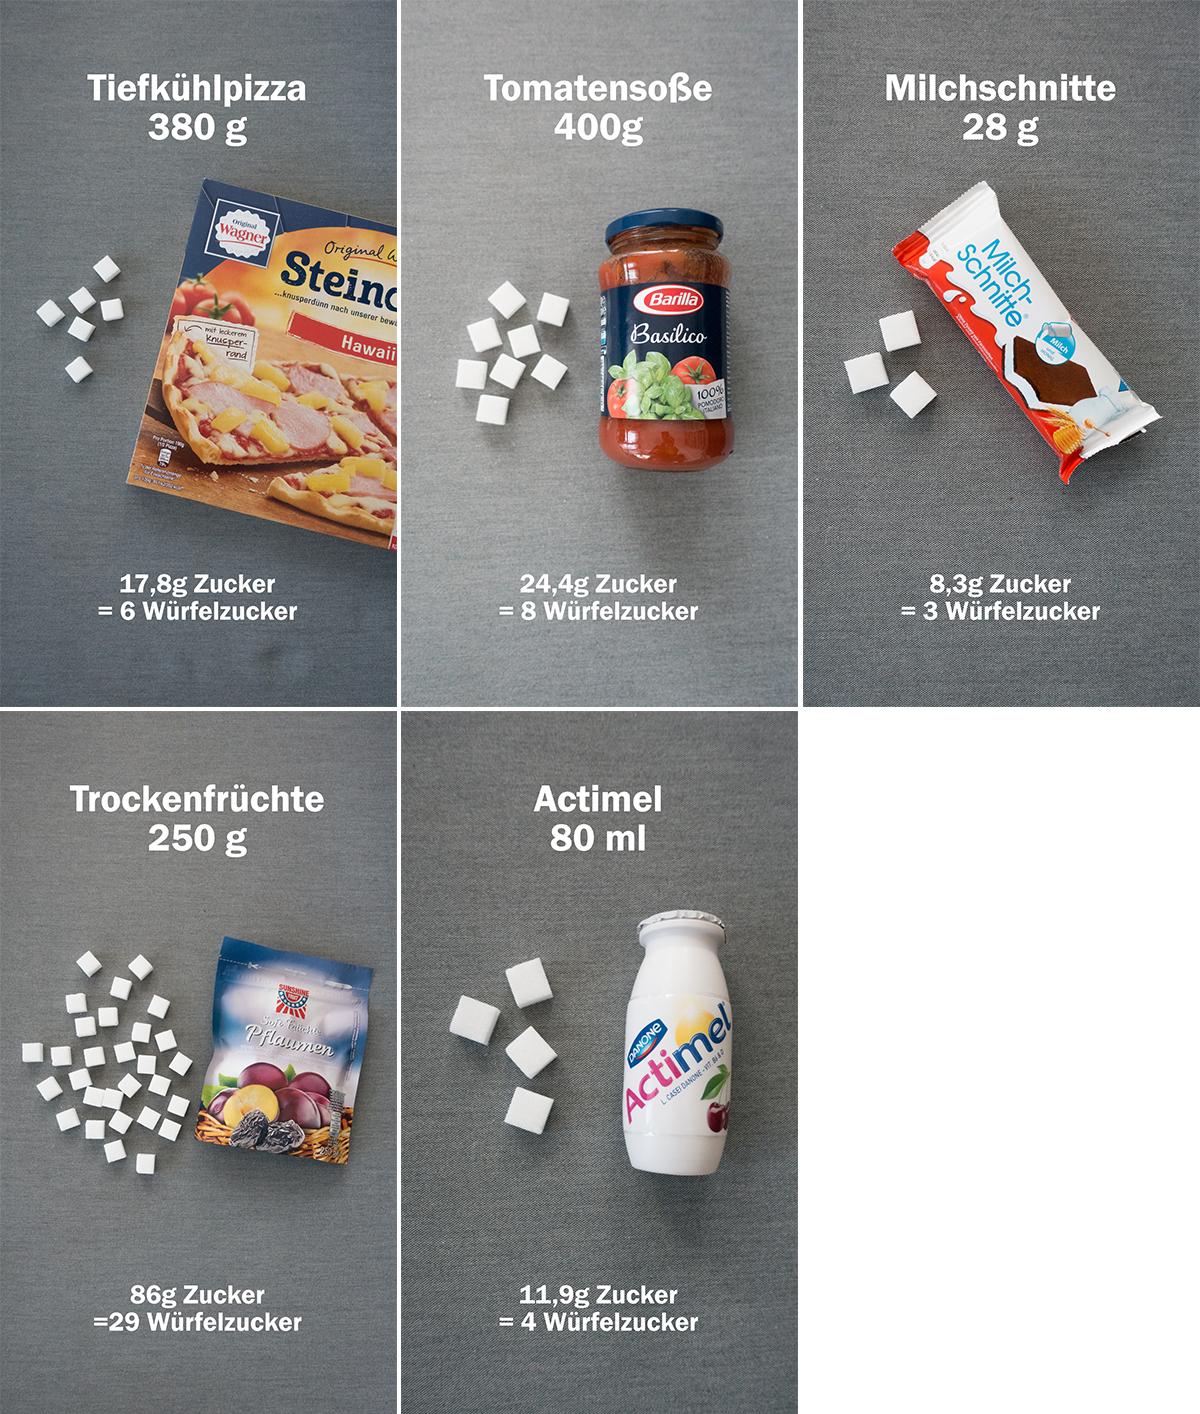 Wie viel Zucker steckt drin? - DreamteamFitness